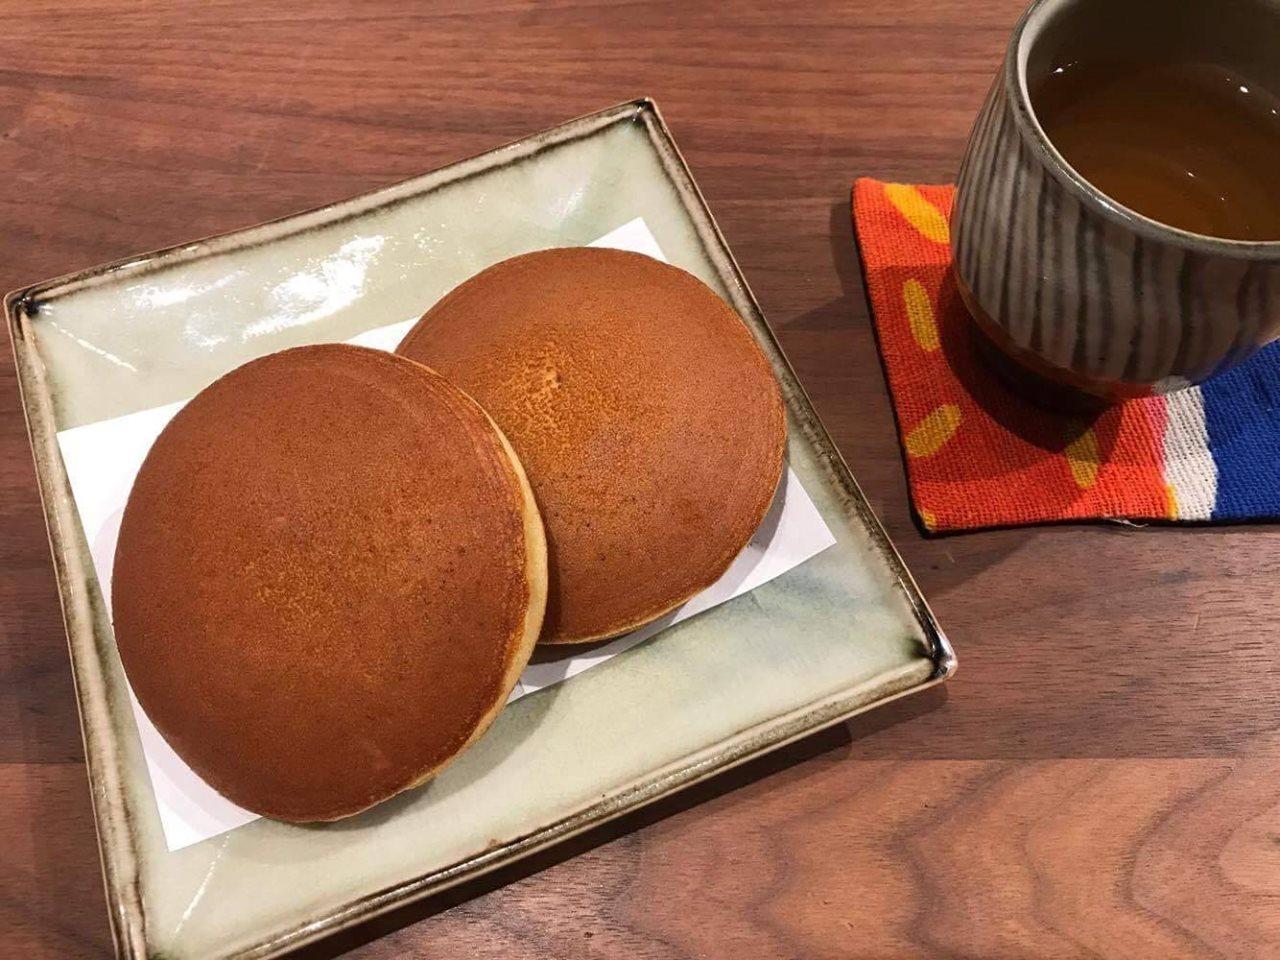 8月3日(木)子どものための和菓子教室(夏休み編)」ーどら焼き作り。